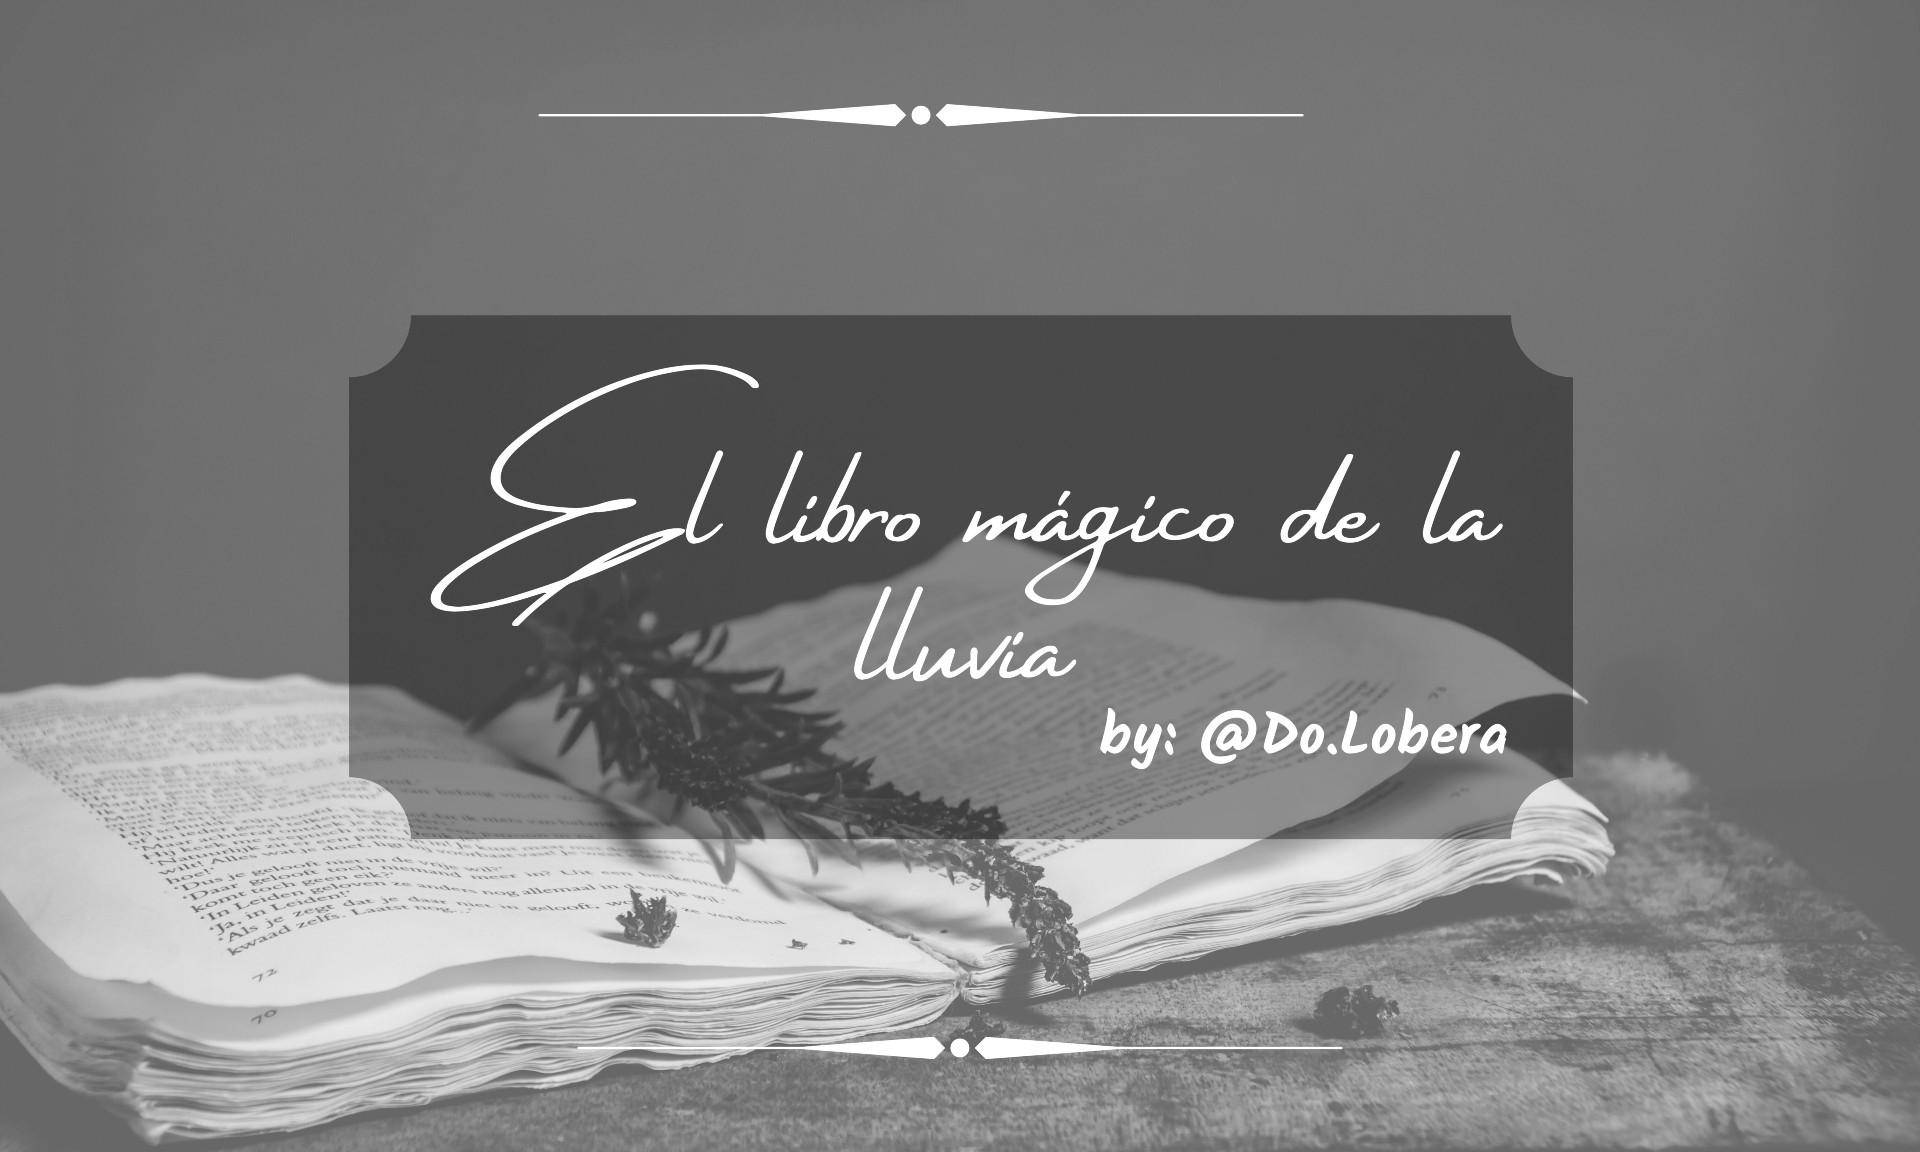 El libro mágico de la lluvia - by do.lobera